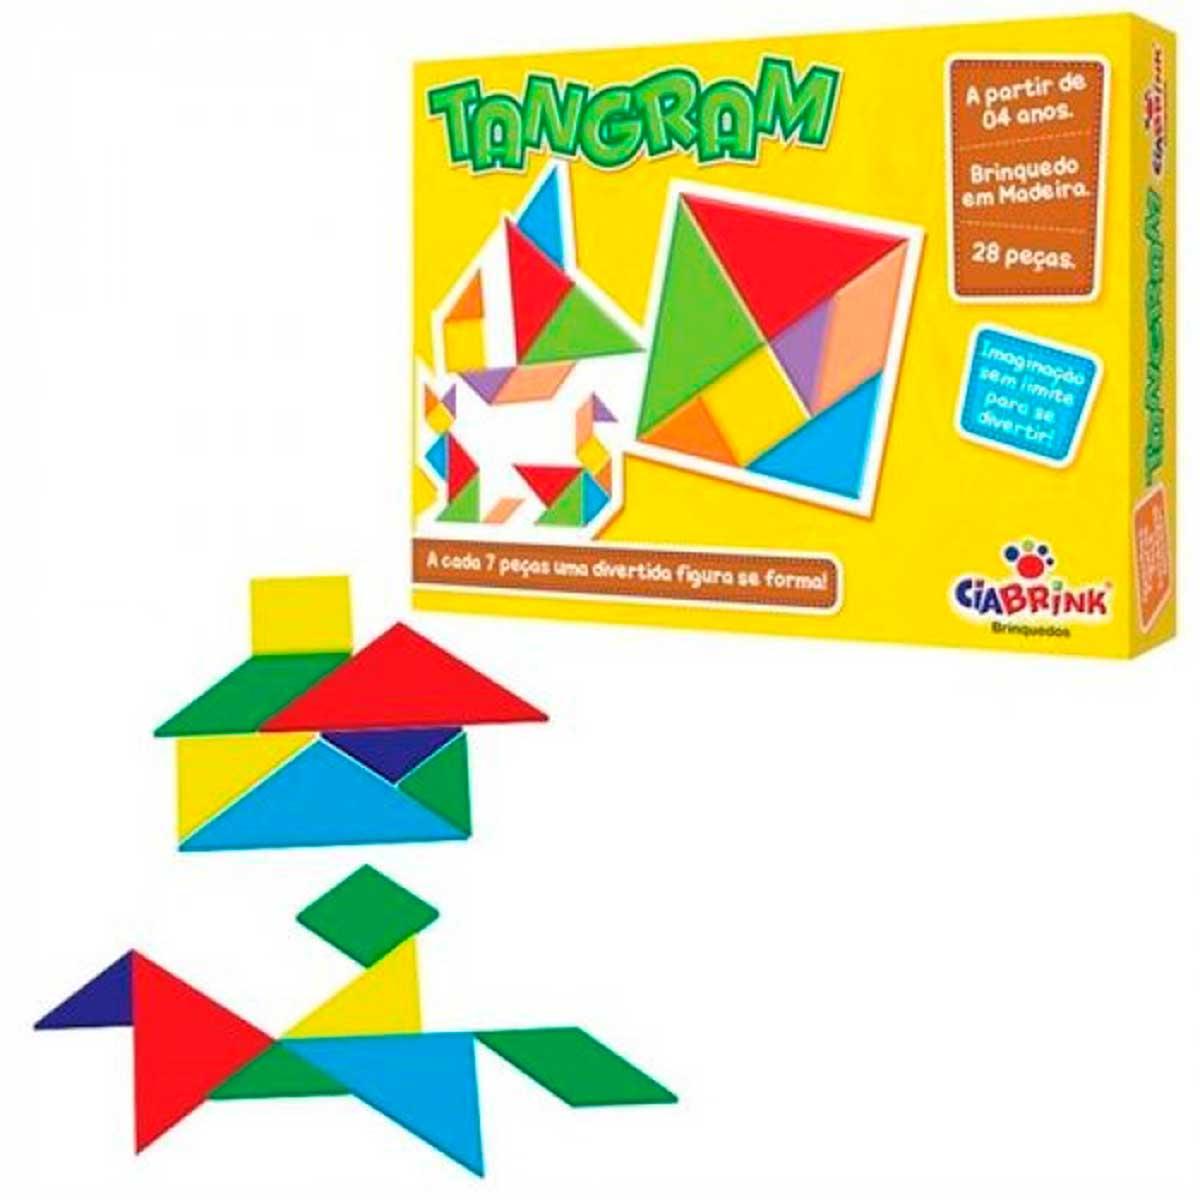 Jogo Tangram Colorido 28 Peças em Madeira CiaBrink